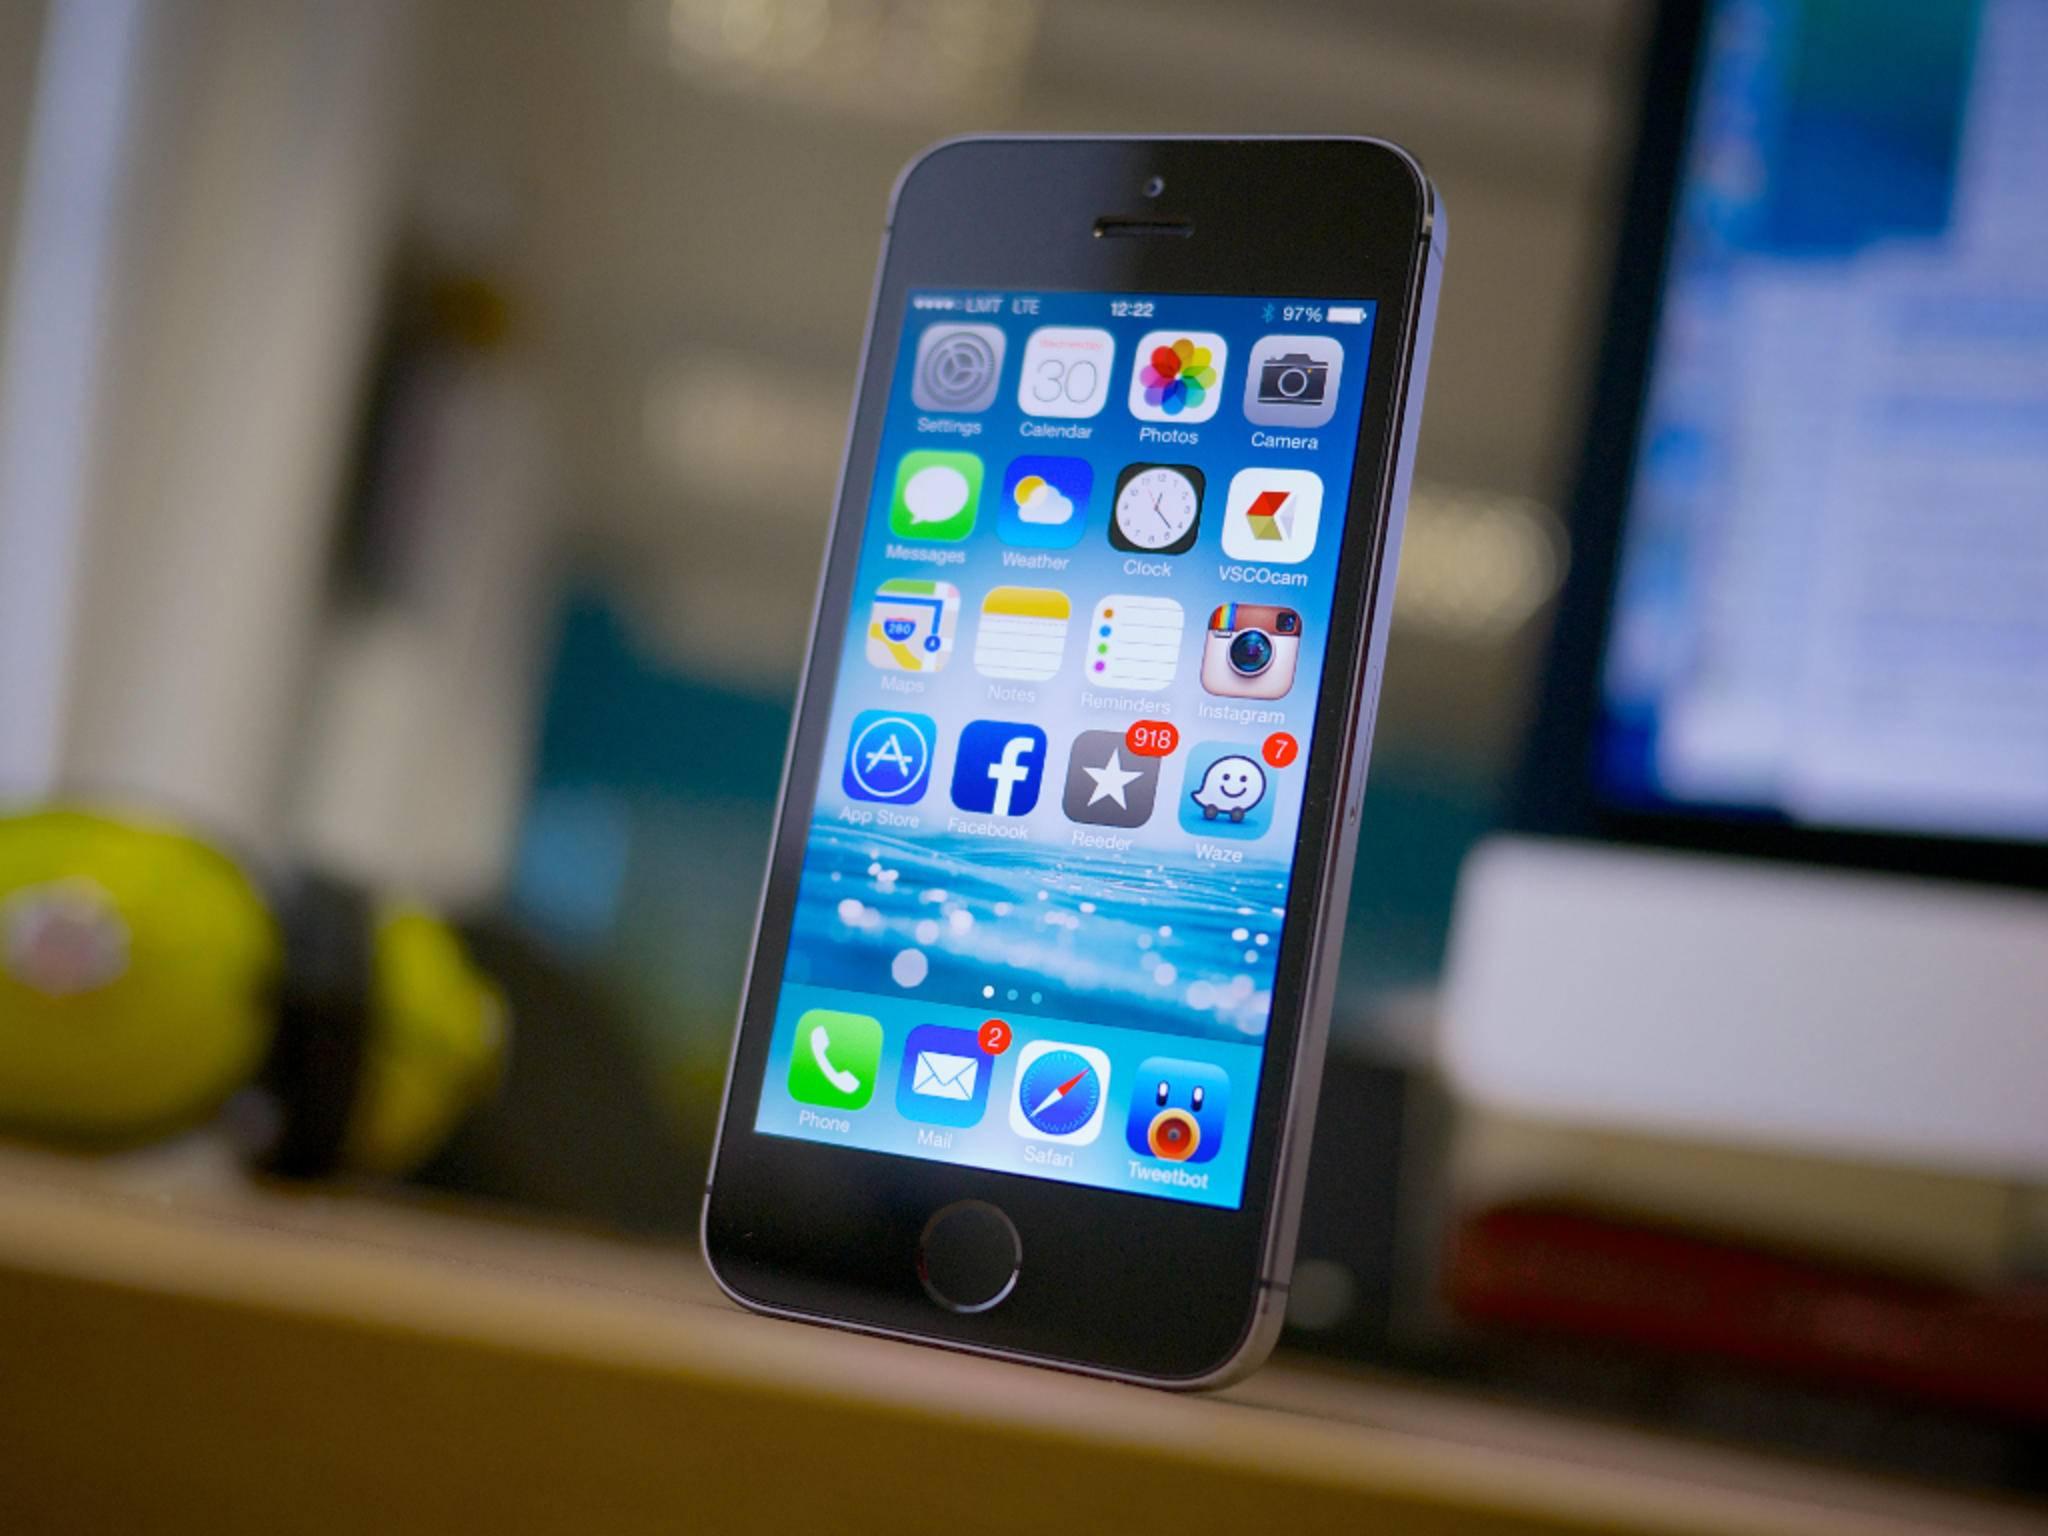 Das iPhone 5se soll in den Farben Silber, Space Grau und Pink erscheinen.